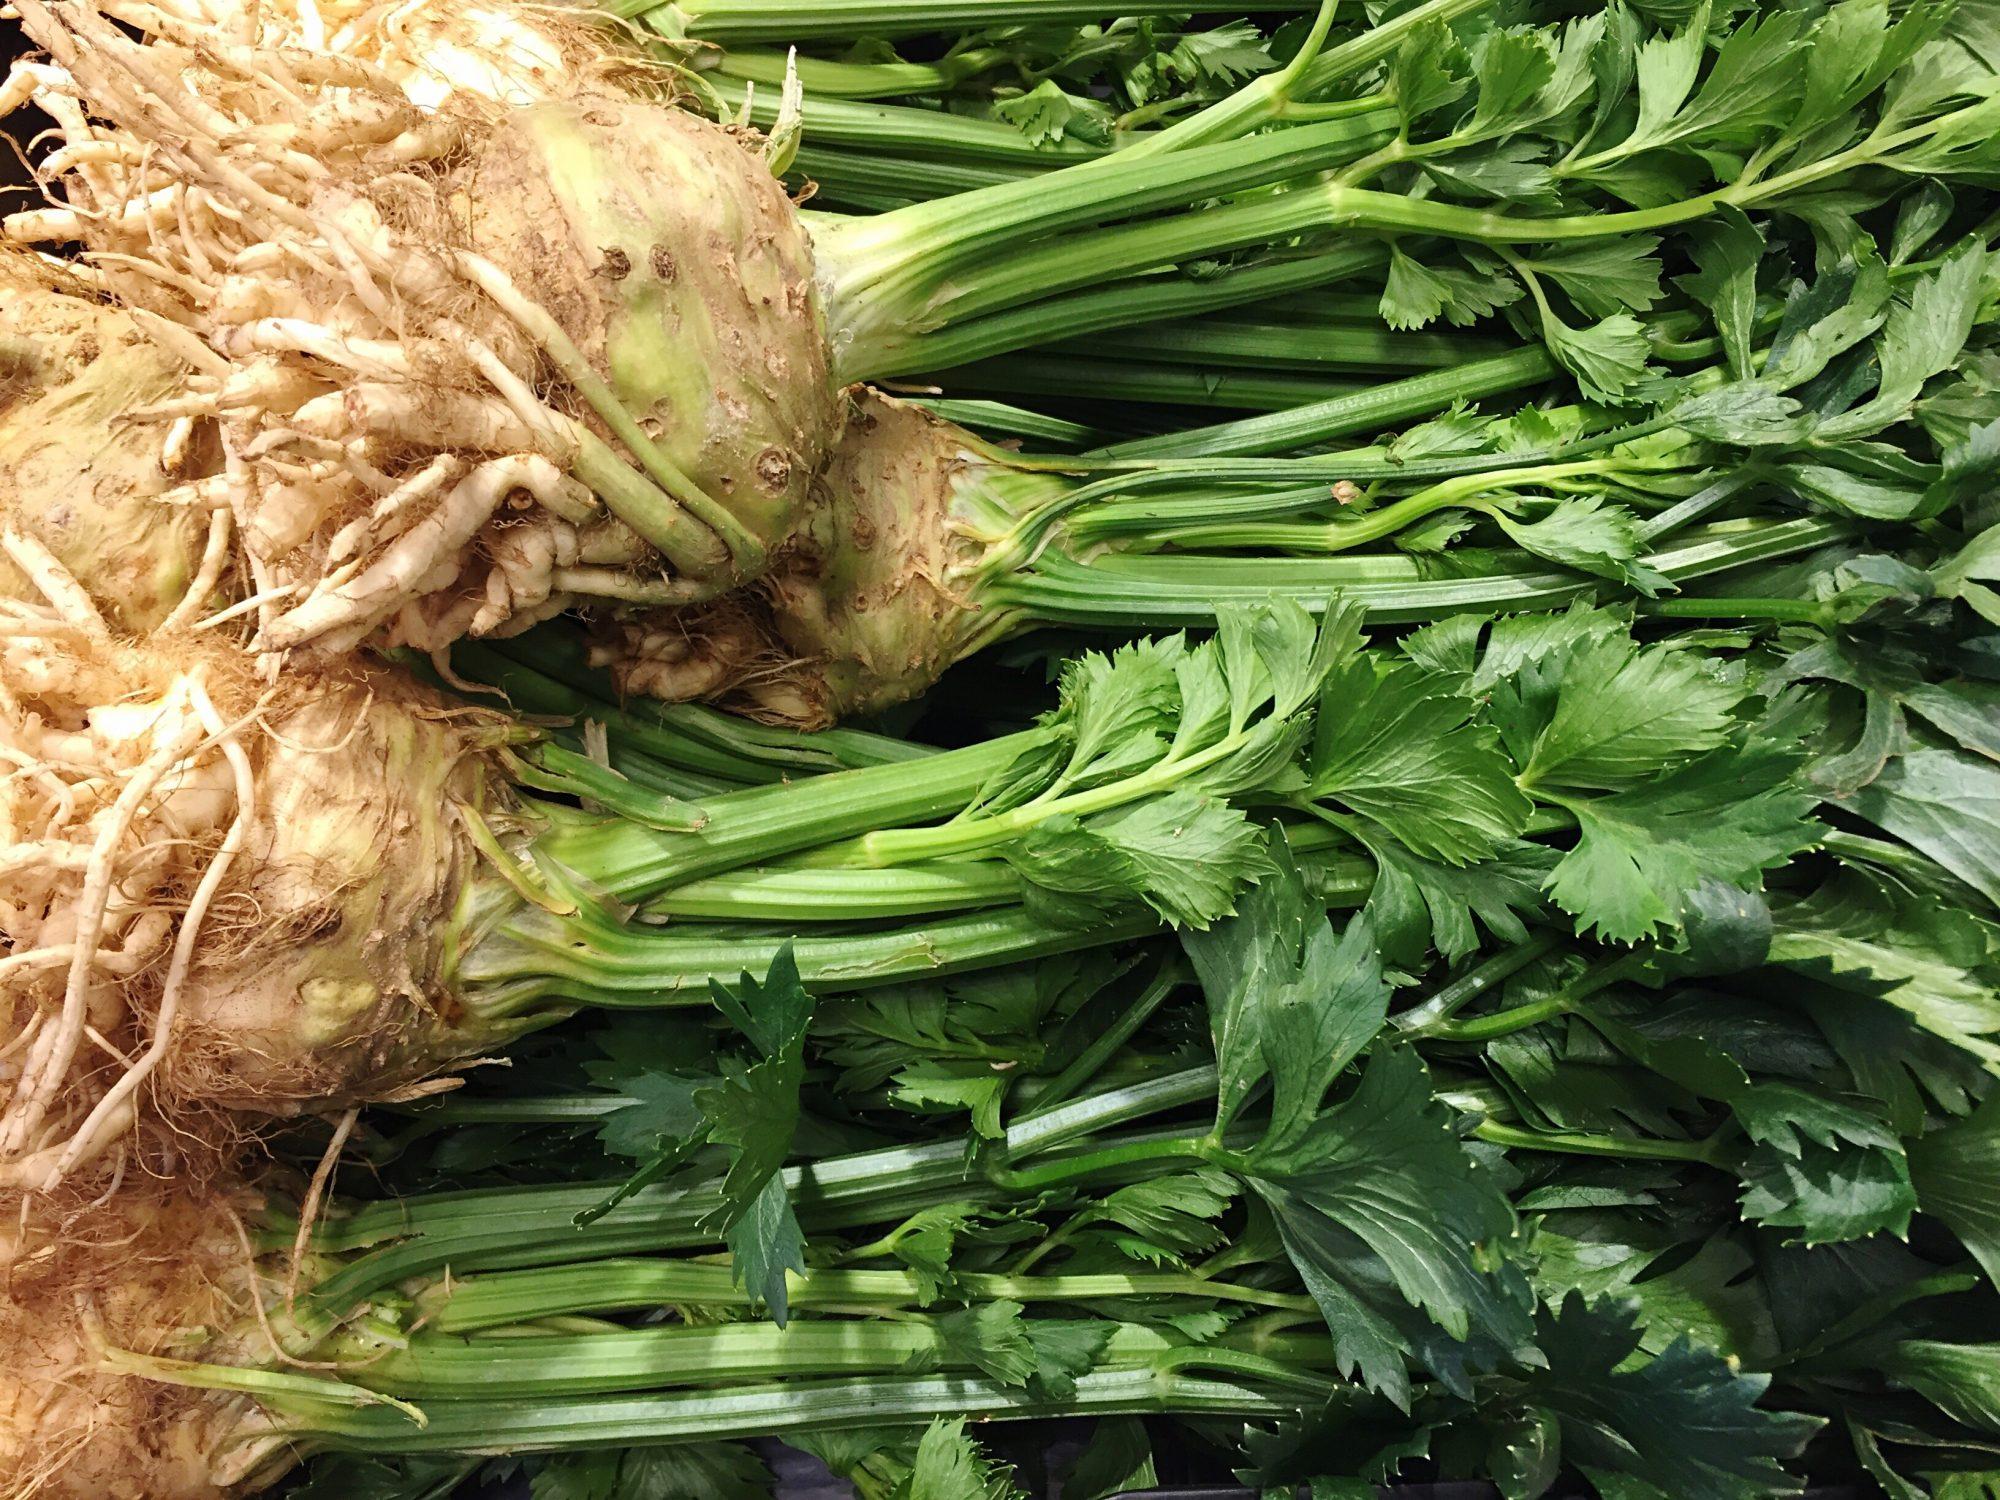 Celeriac with Stalks Getty 11/26/19